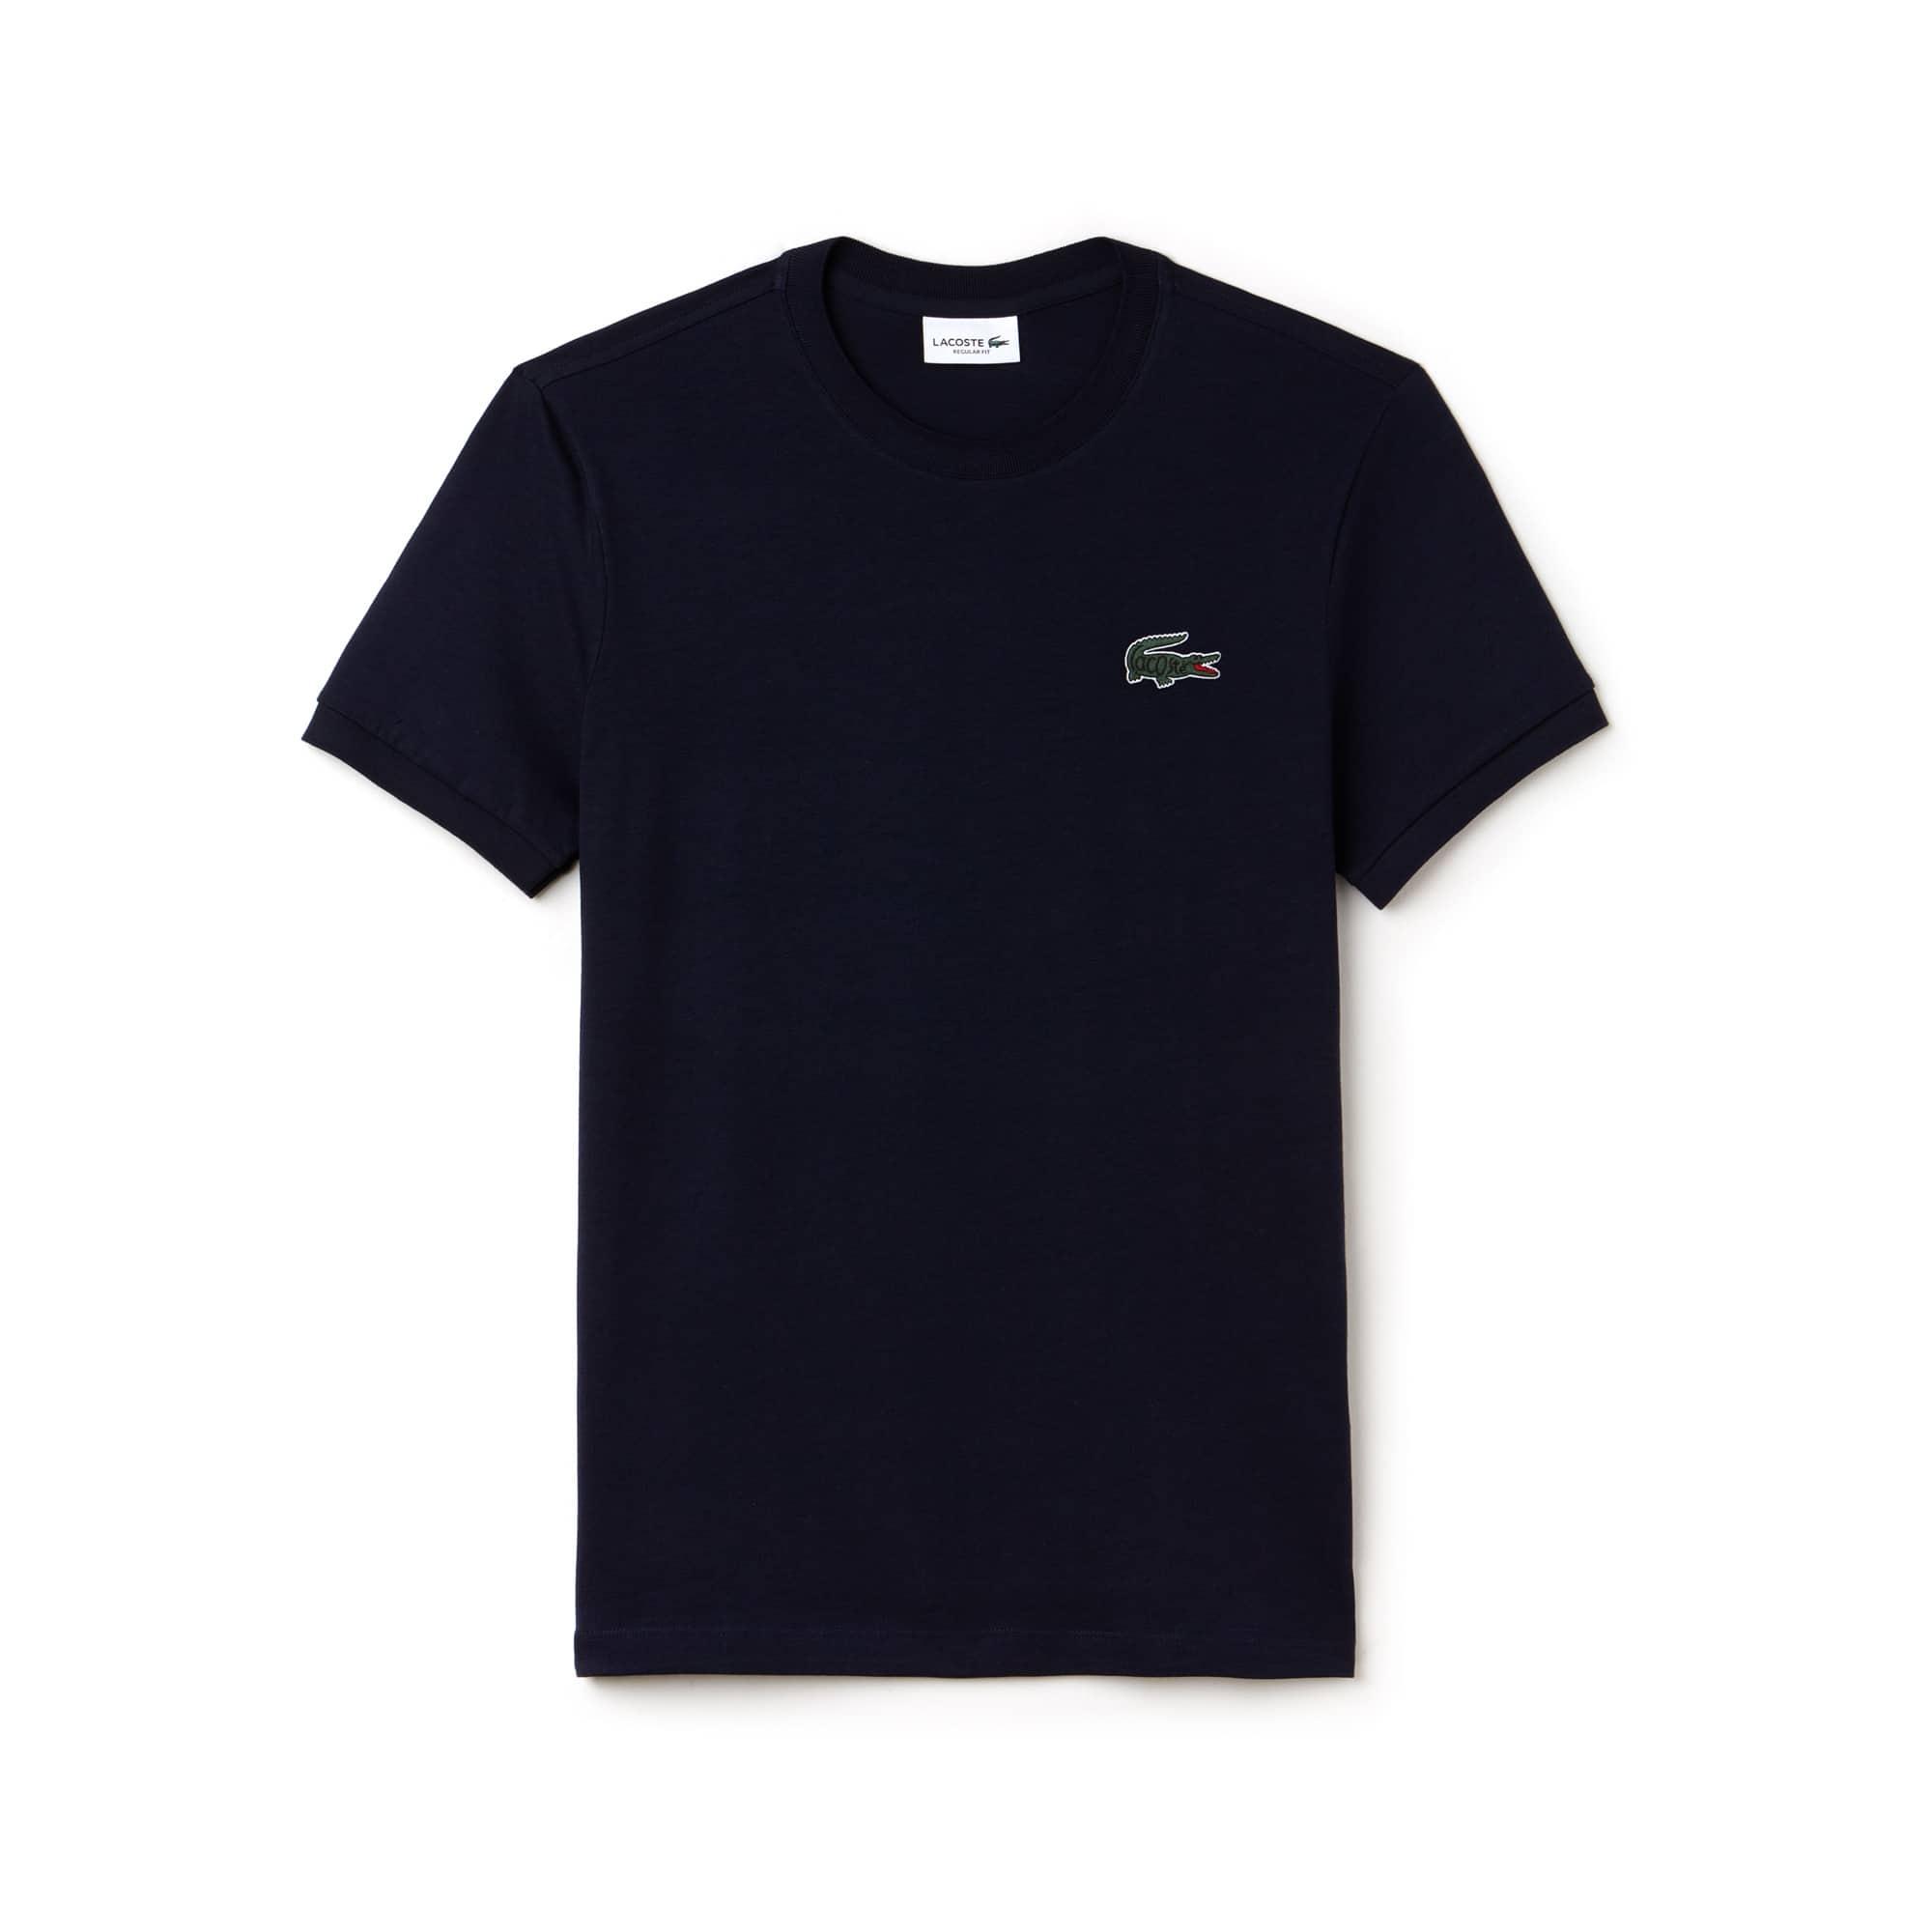 T-shirt heren ronde hals katoenjersey met Lacoste-letters en krokodil